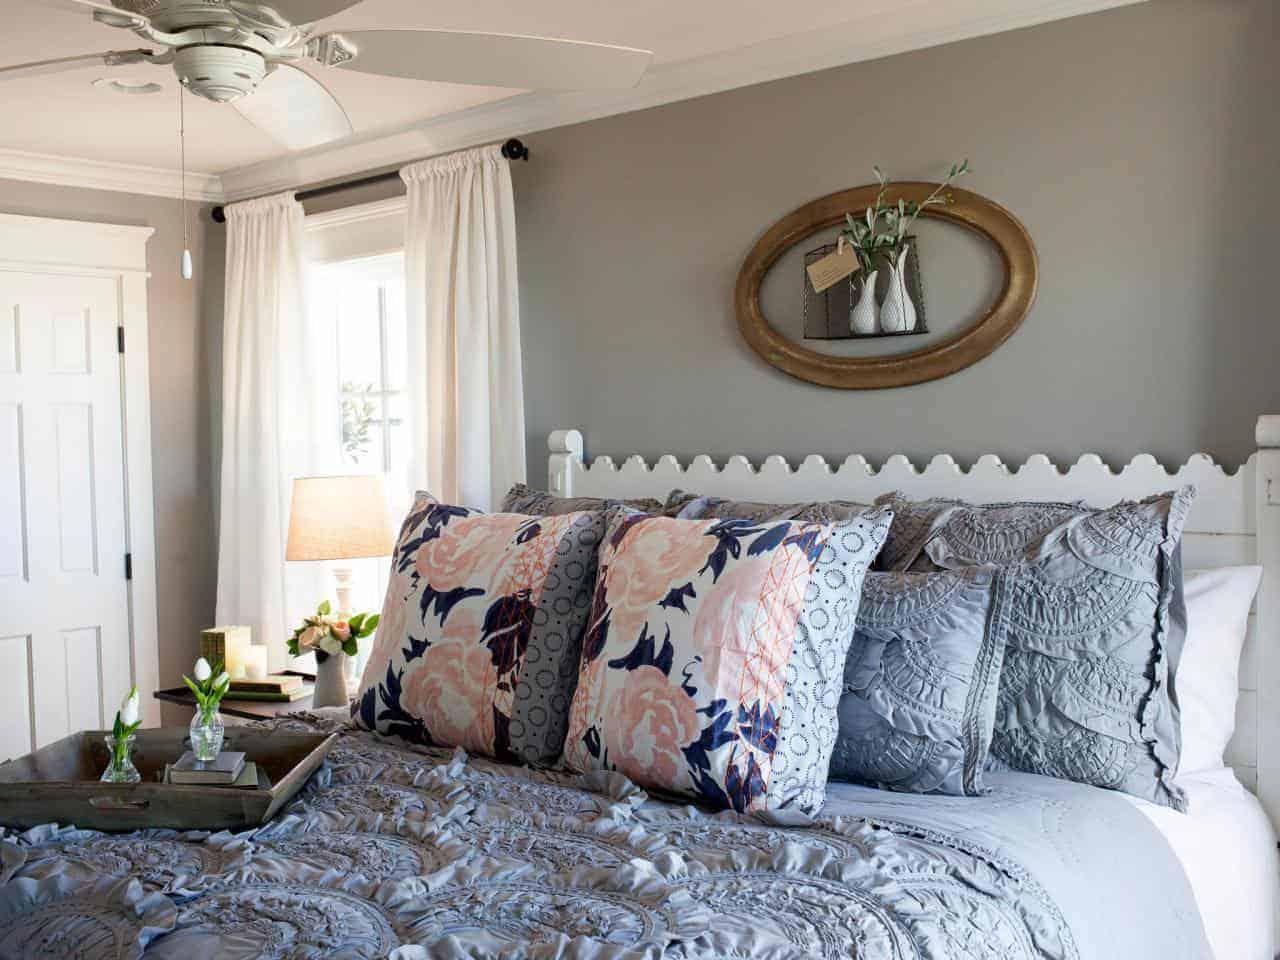 joanna gaines fixer upper style recreate her bedroom makeovers - Joanna Gaines Bedroom